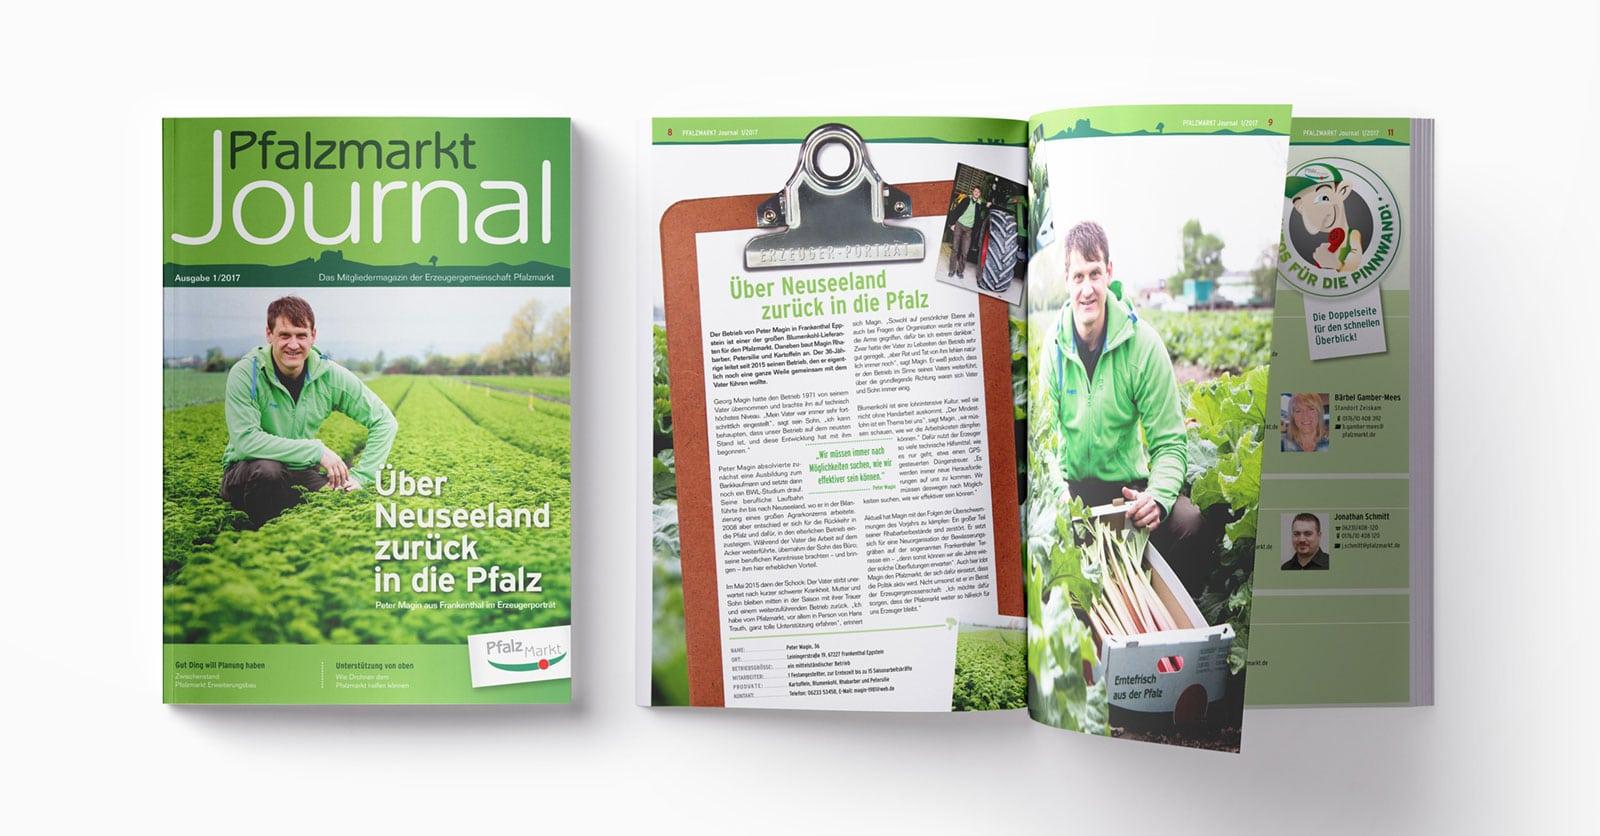 Pfalzmarkt Journal Ausgabe 1-2017